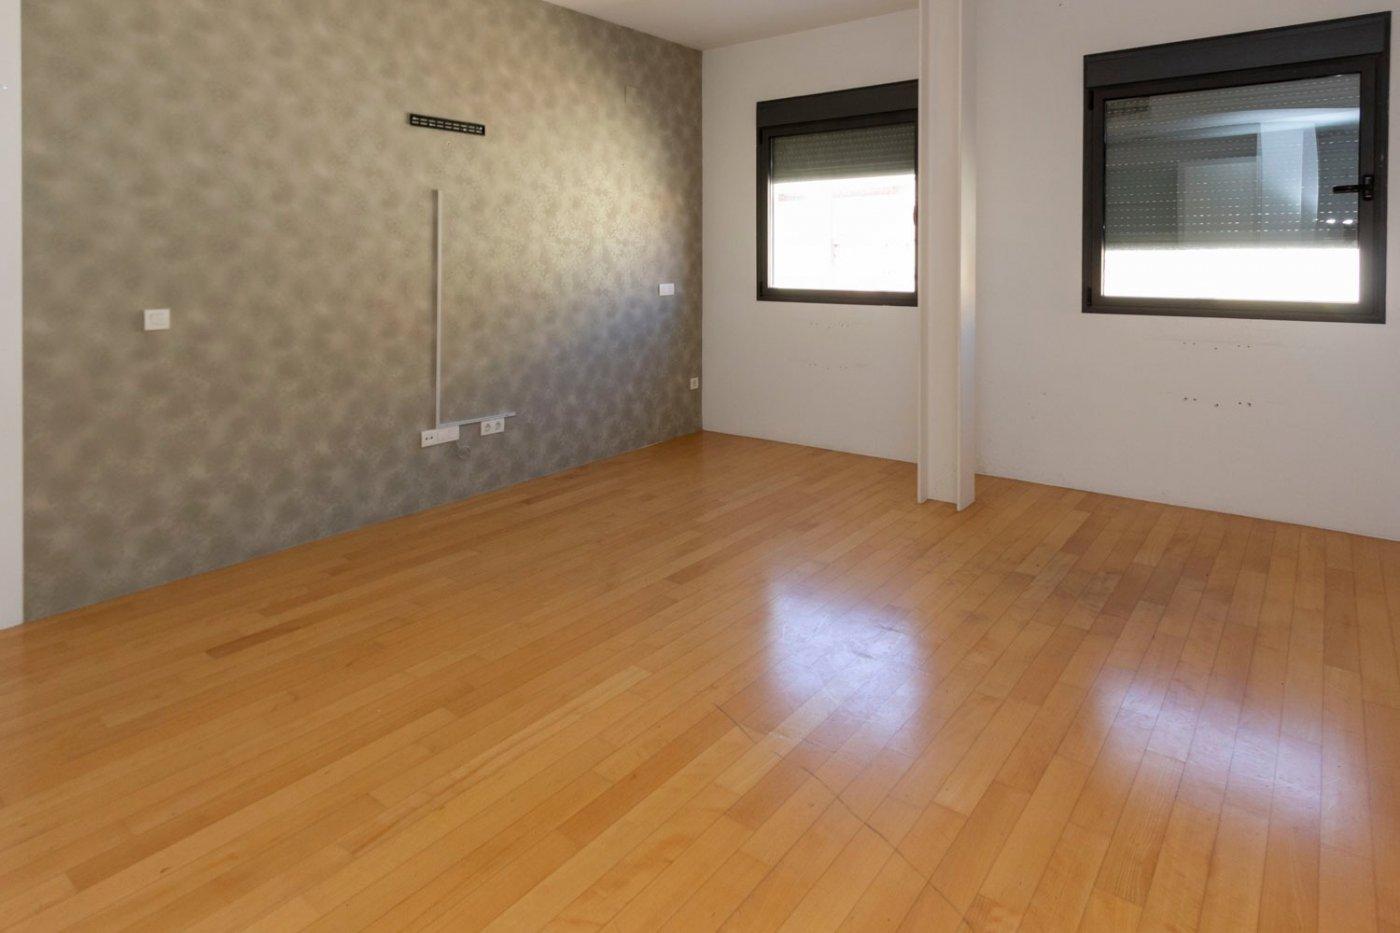 PIso de dos dormitorios de reciente construcción en zona centro de Castalla - 1457